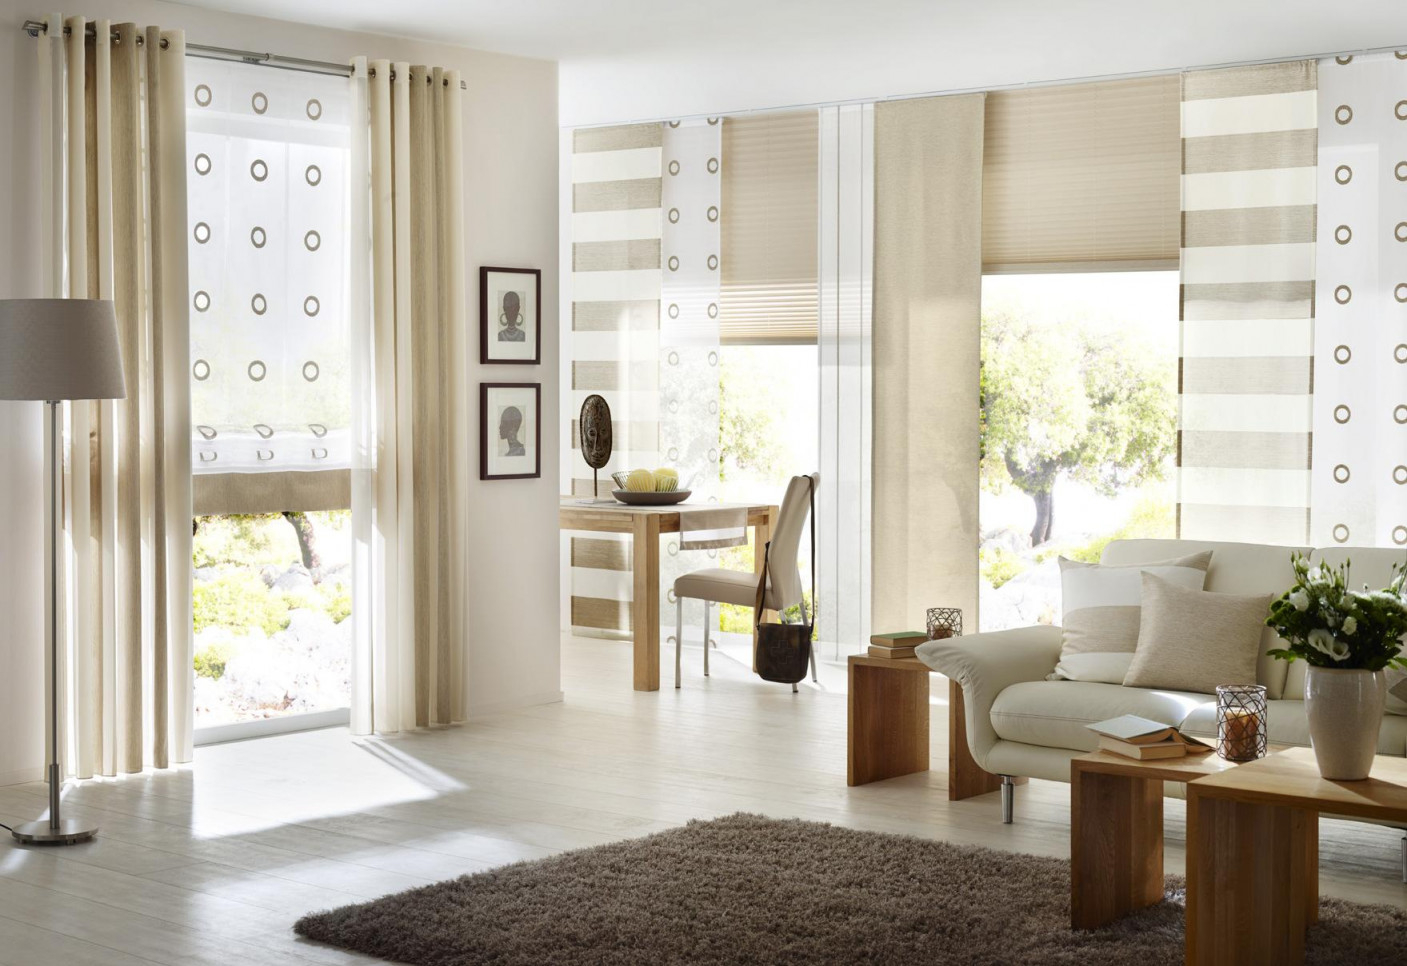 Beigefarbener Vorhang • Bilder  Ideen • Couch von Gardinen Wohnzimmer Beige Bild